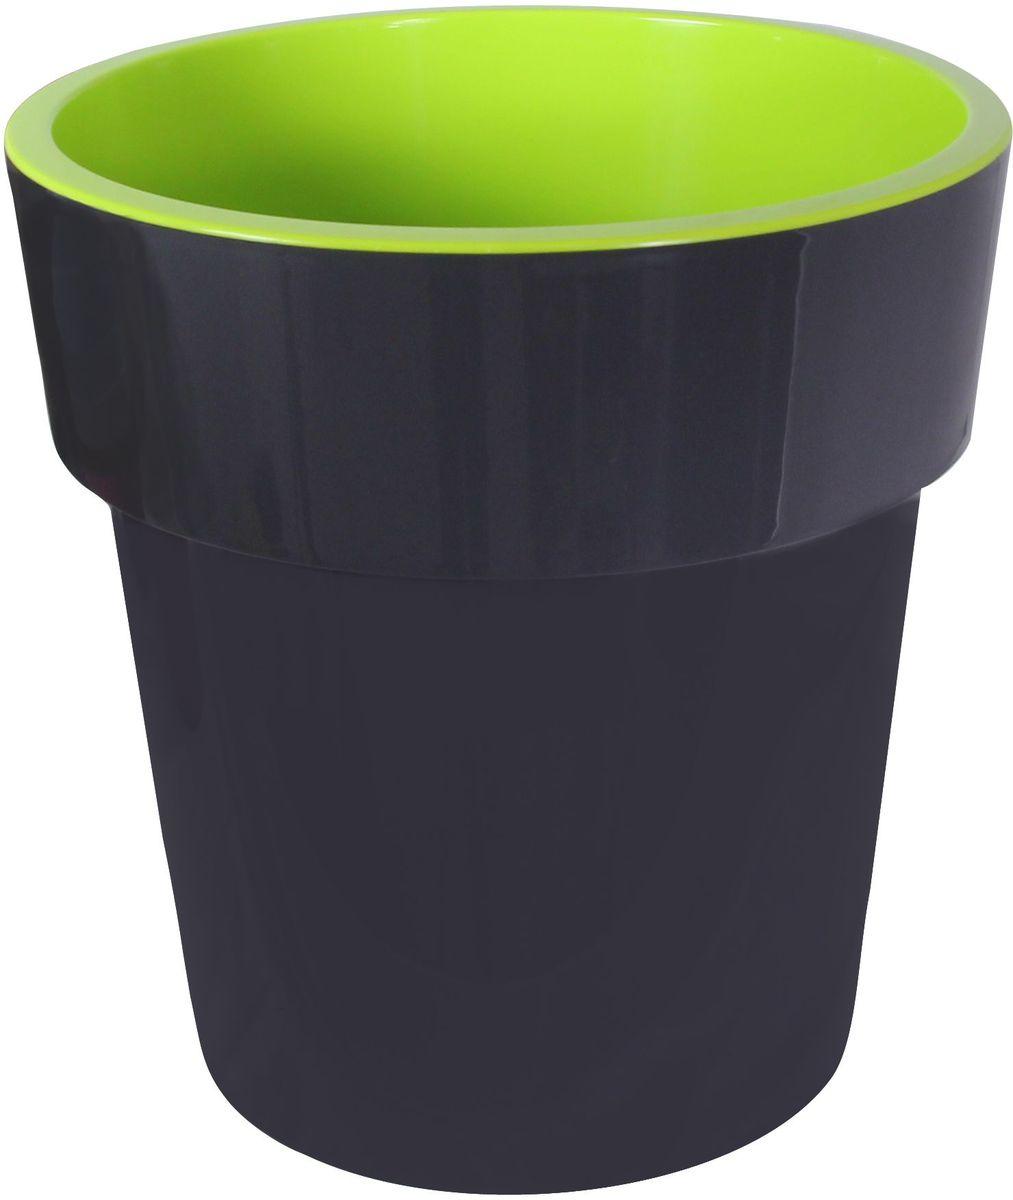 Кашпо Idea Тубус, цвет: графитовый, диаметр 25 см531-402Кашпо Idea Тубус изготовлено из прочного пластика. Изделие прекрасно подходит для выращивания растений и цветов в домашних условиях. Стильный современный дизайн органично впишется в интерьер помещения.Диаметр кашпо: 25 см. Высота кашпо: 25 см.